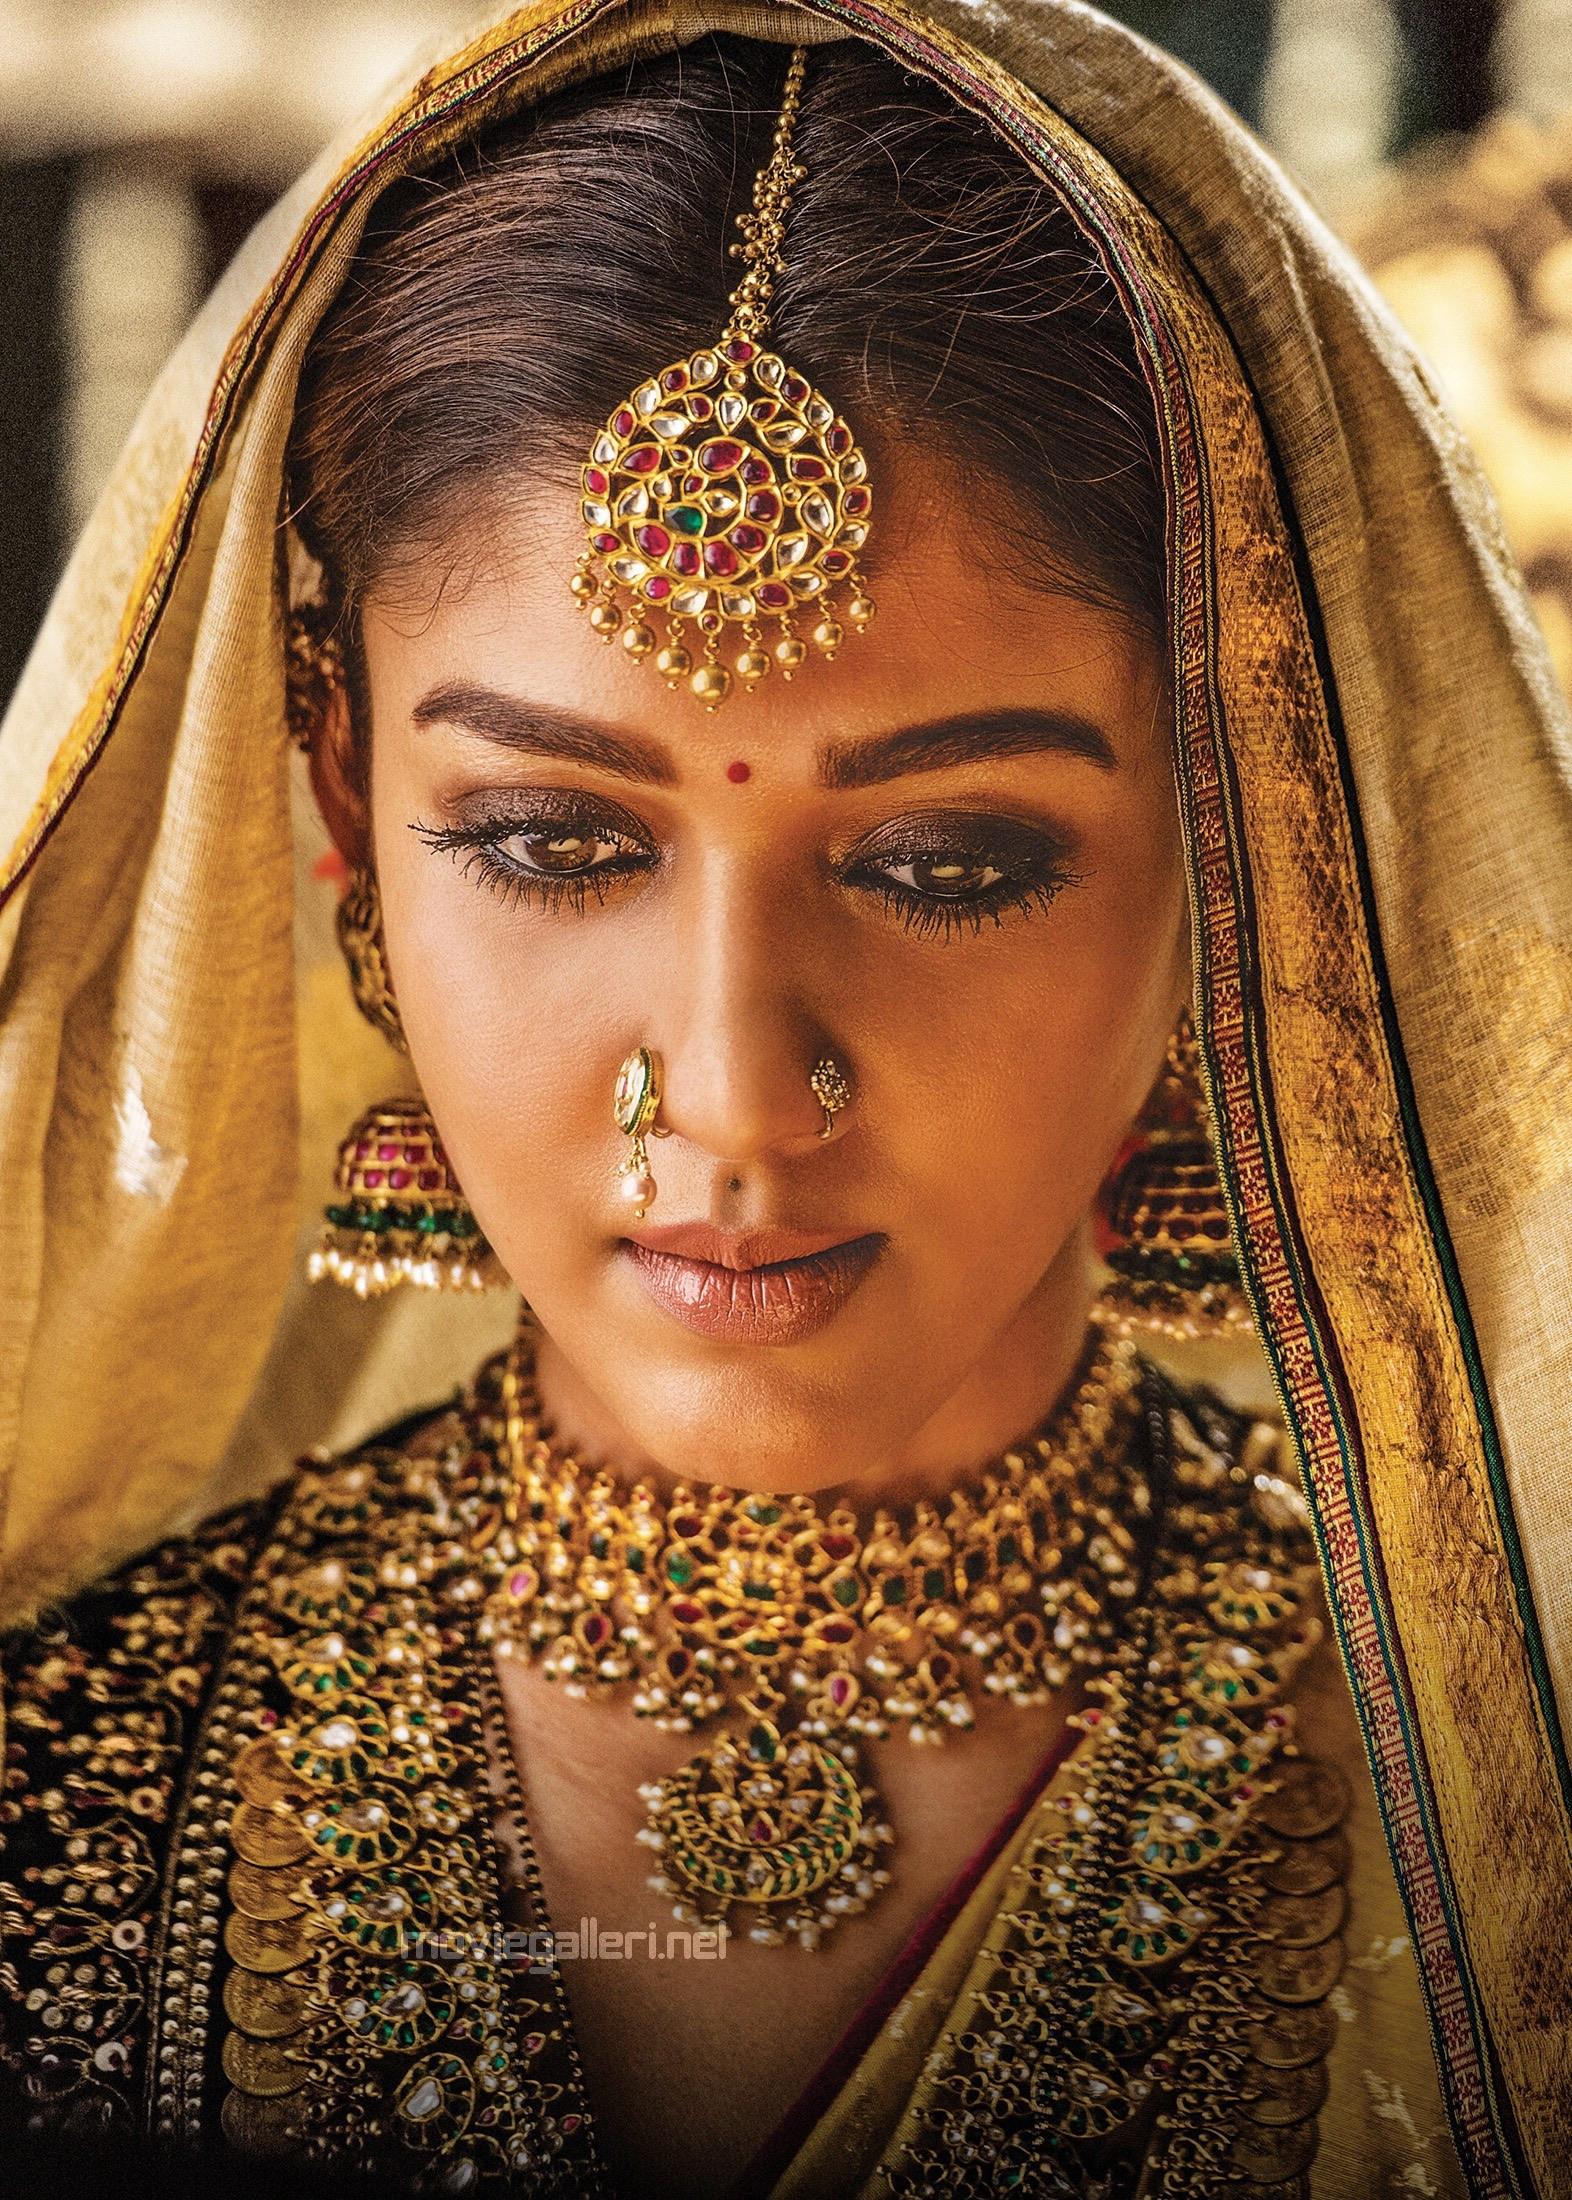 Actress Nayanthara as Princess Siddhamma in Sye Raa Narasimha Reddy Movie